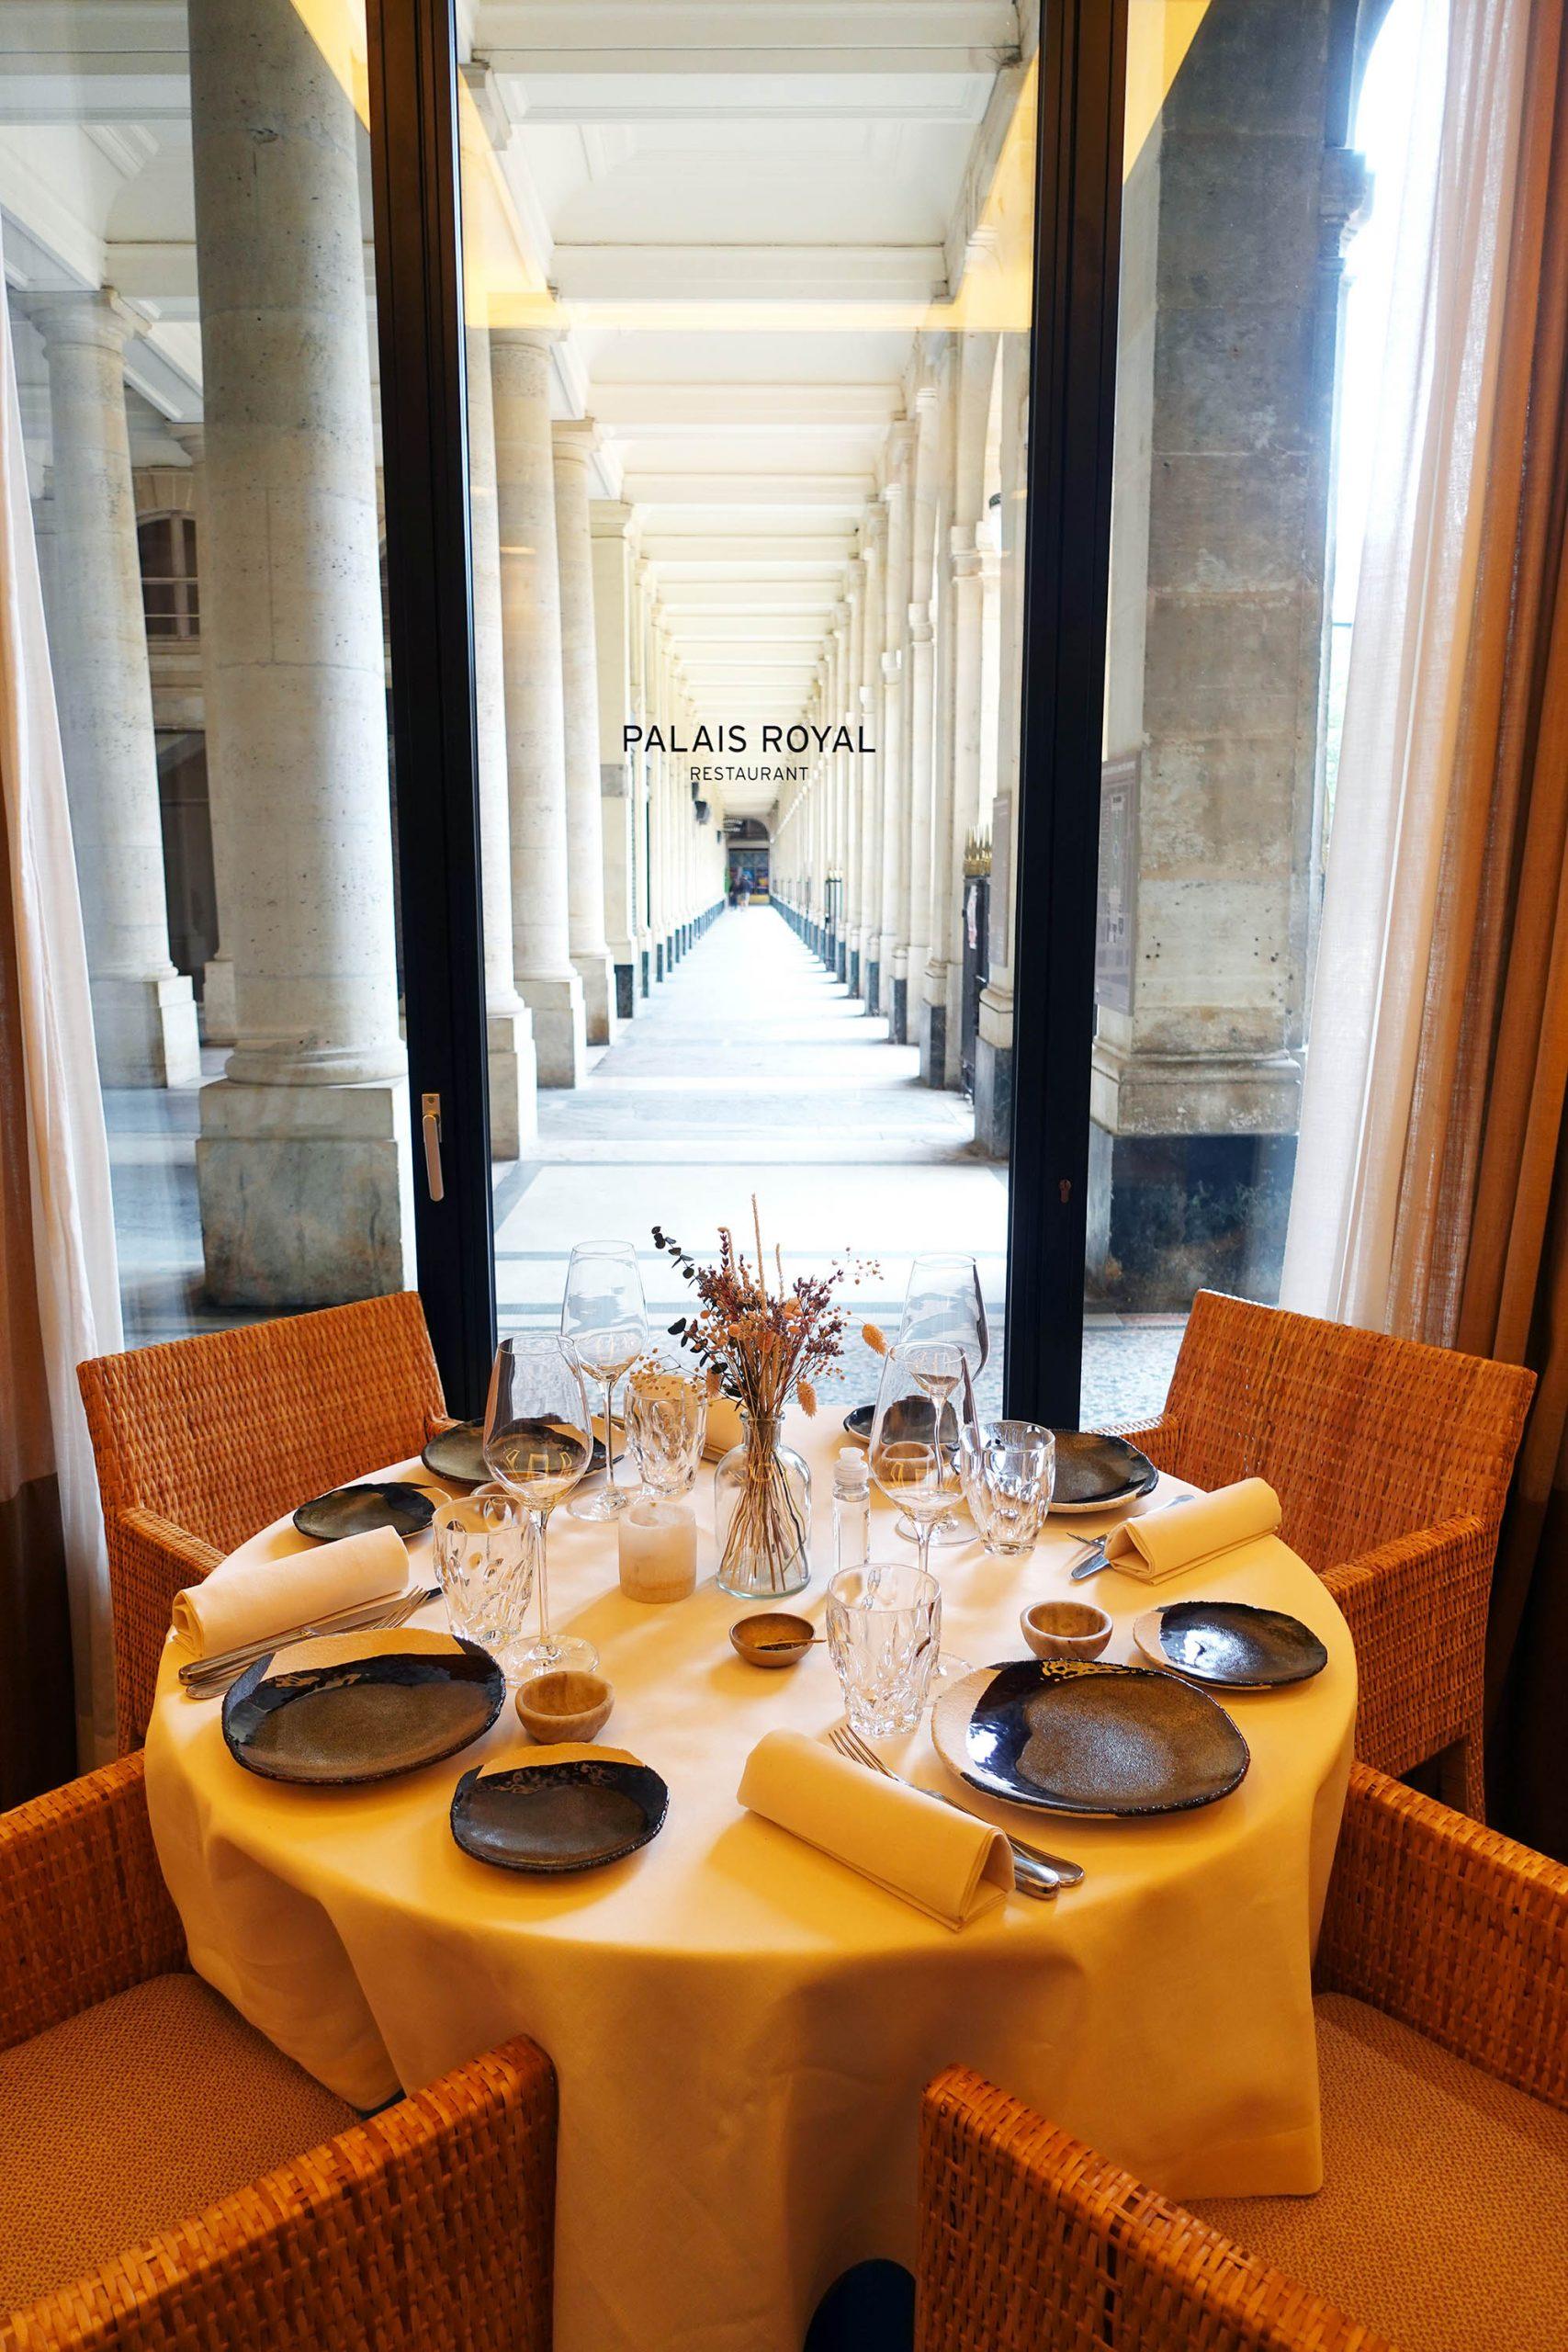 Palais royal restaurant paris